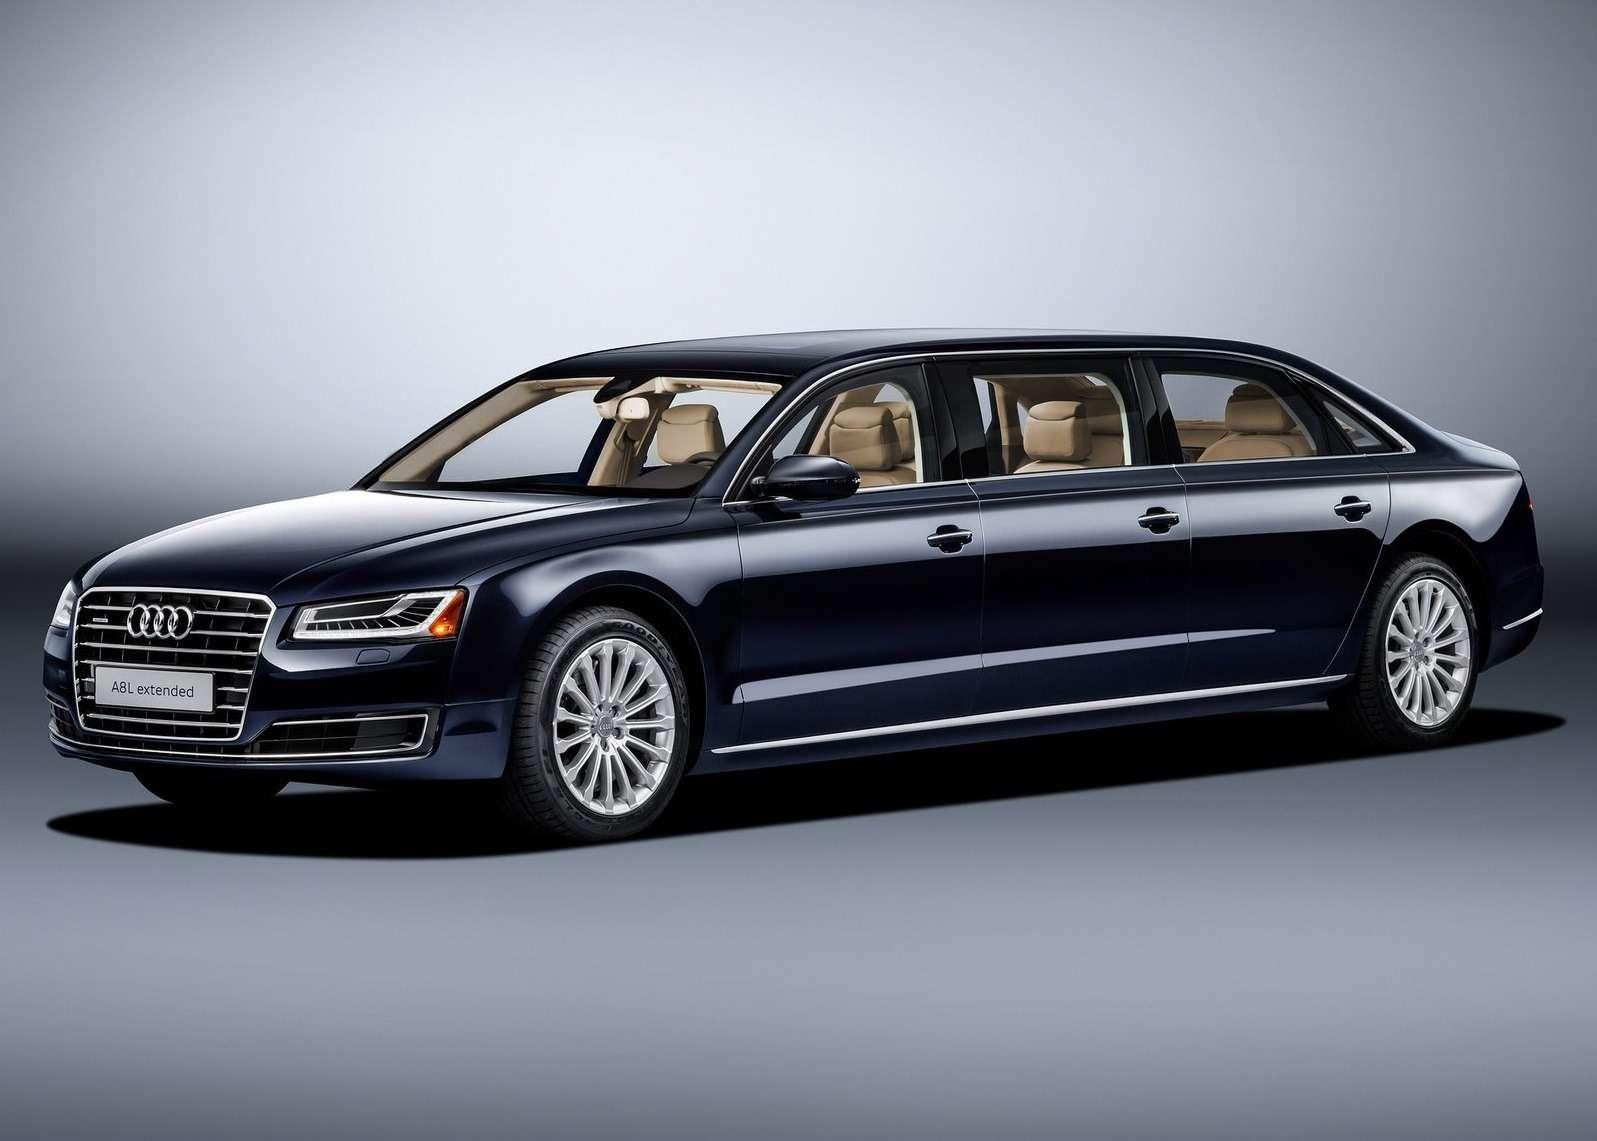 «Автобус» класса люкс: Audi A8растянулся вугоду королевским запросам— фото 574390